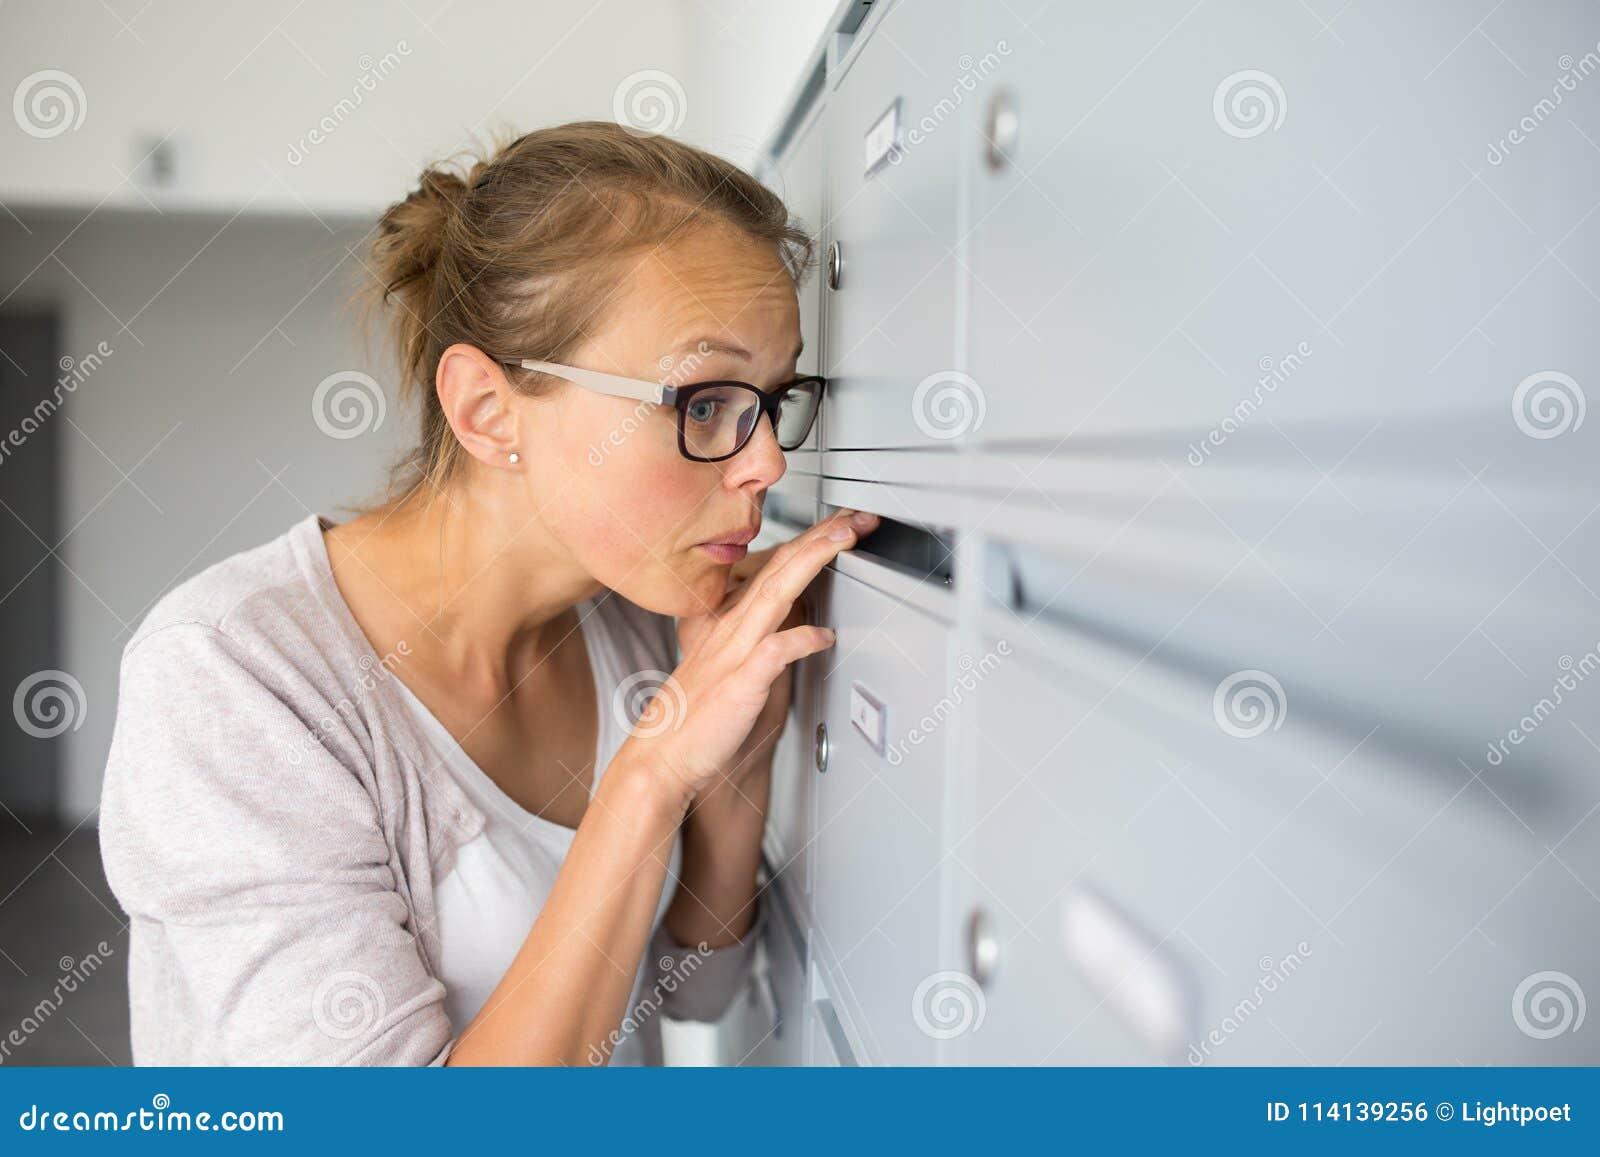 Assez, jeune femme vérifiant sa boîte aux lettres